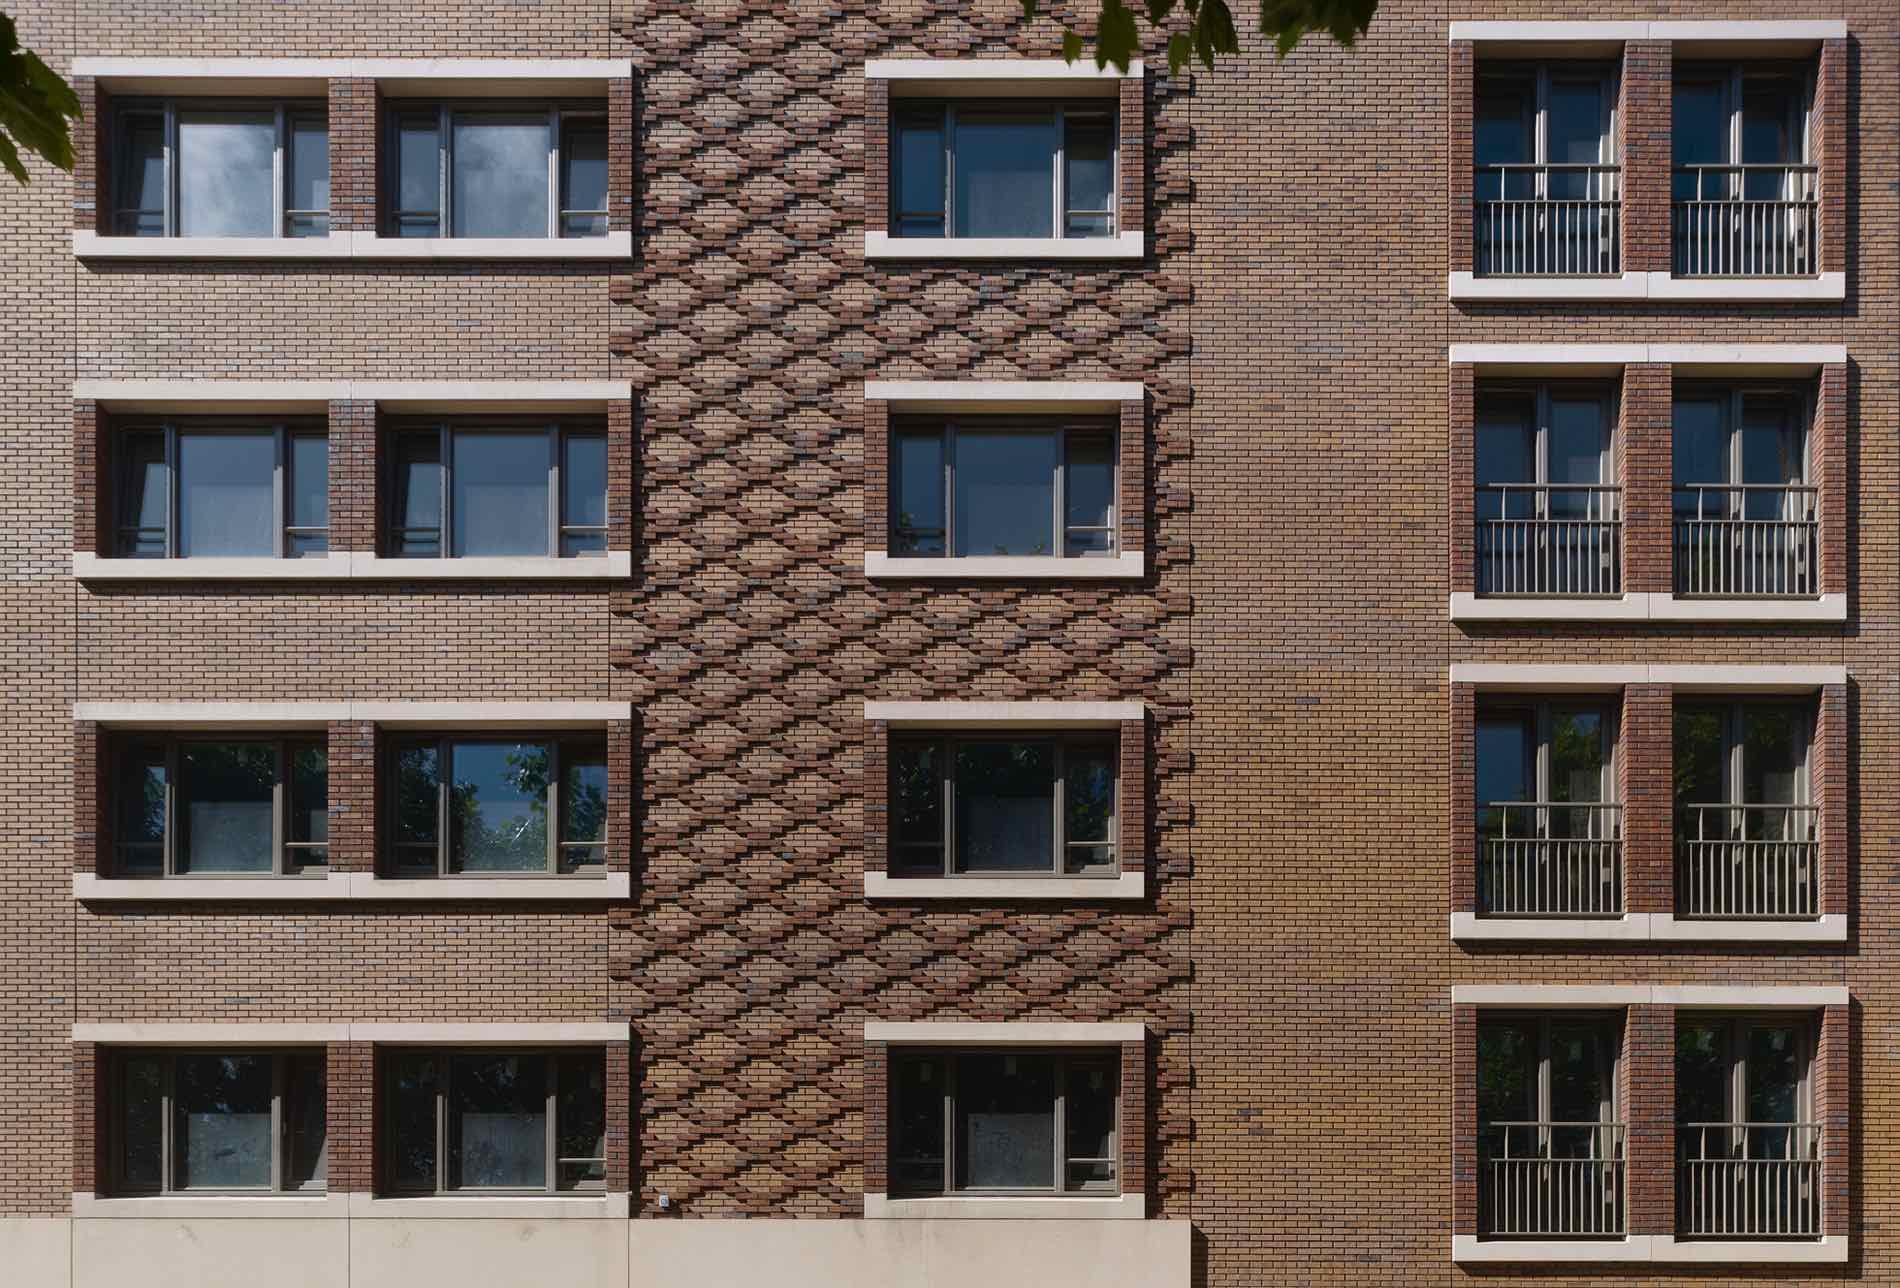 Appartementen nieuw crooswijk rotterdam steenhandel gelsing for Rotterdam crooswijk